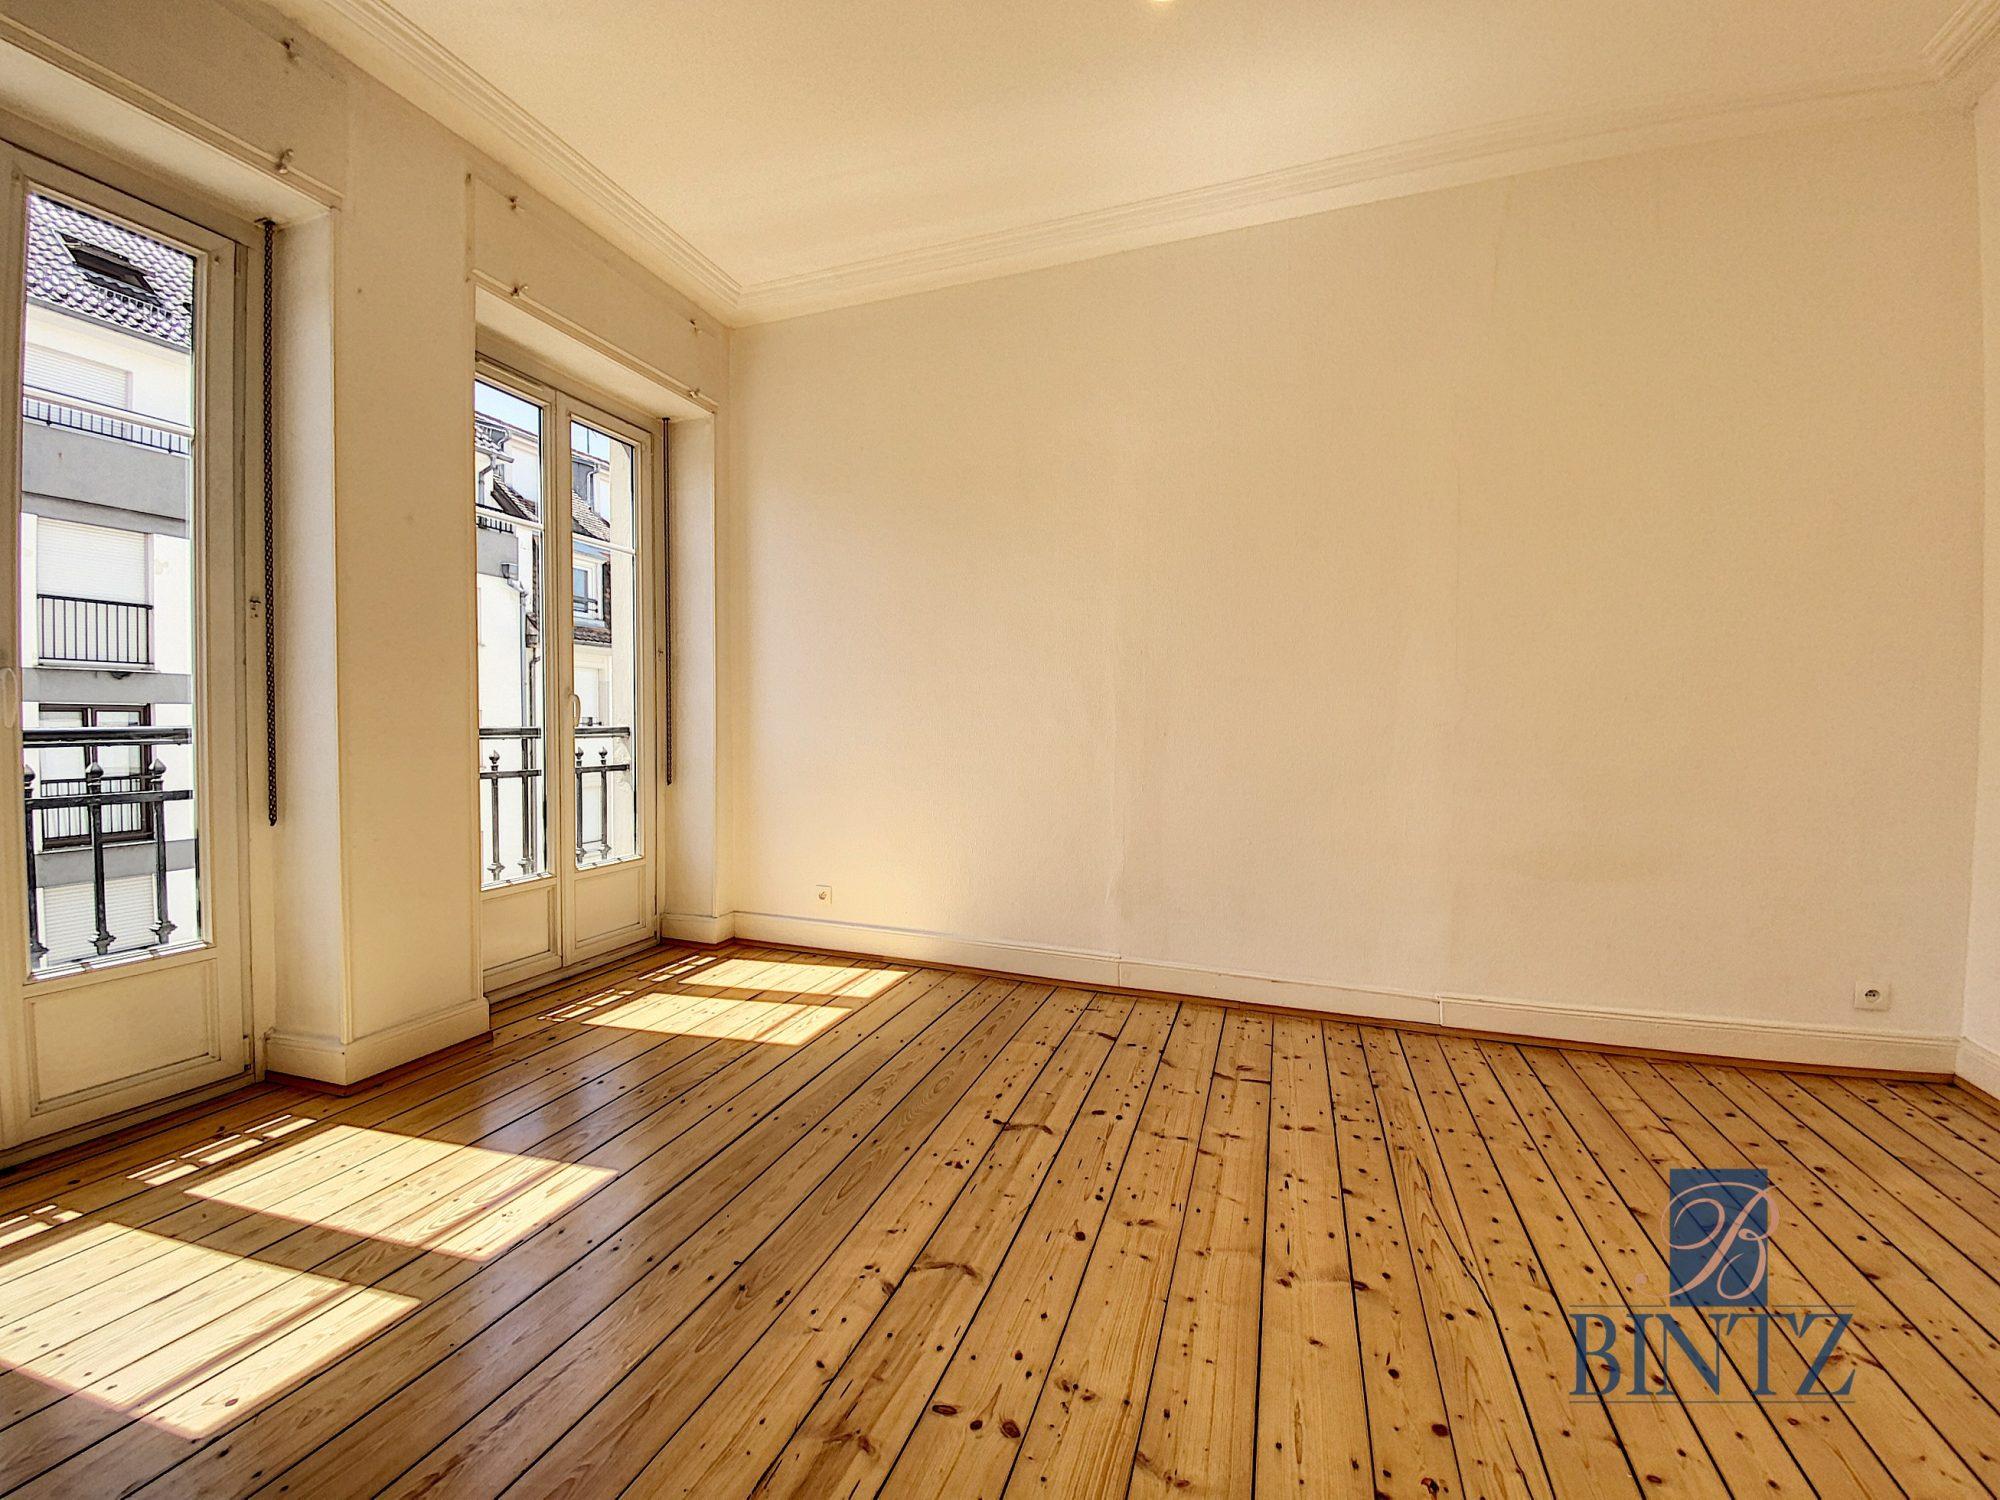 2 PIÈCES NEUDORF - Devenez locataire en toute sérénité - Bintz Immobilier - 10